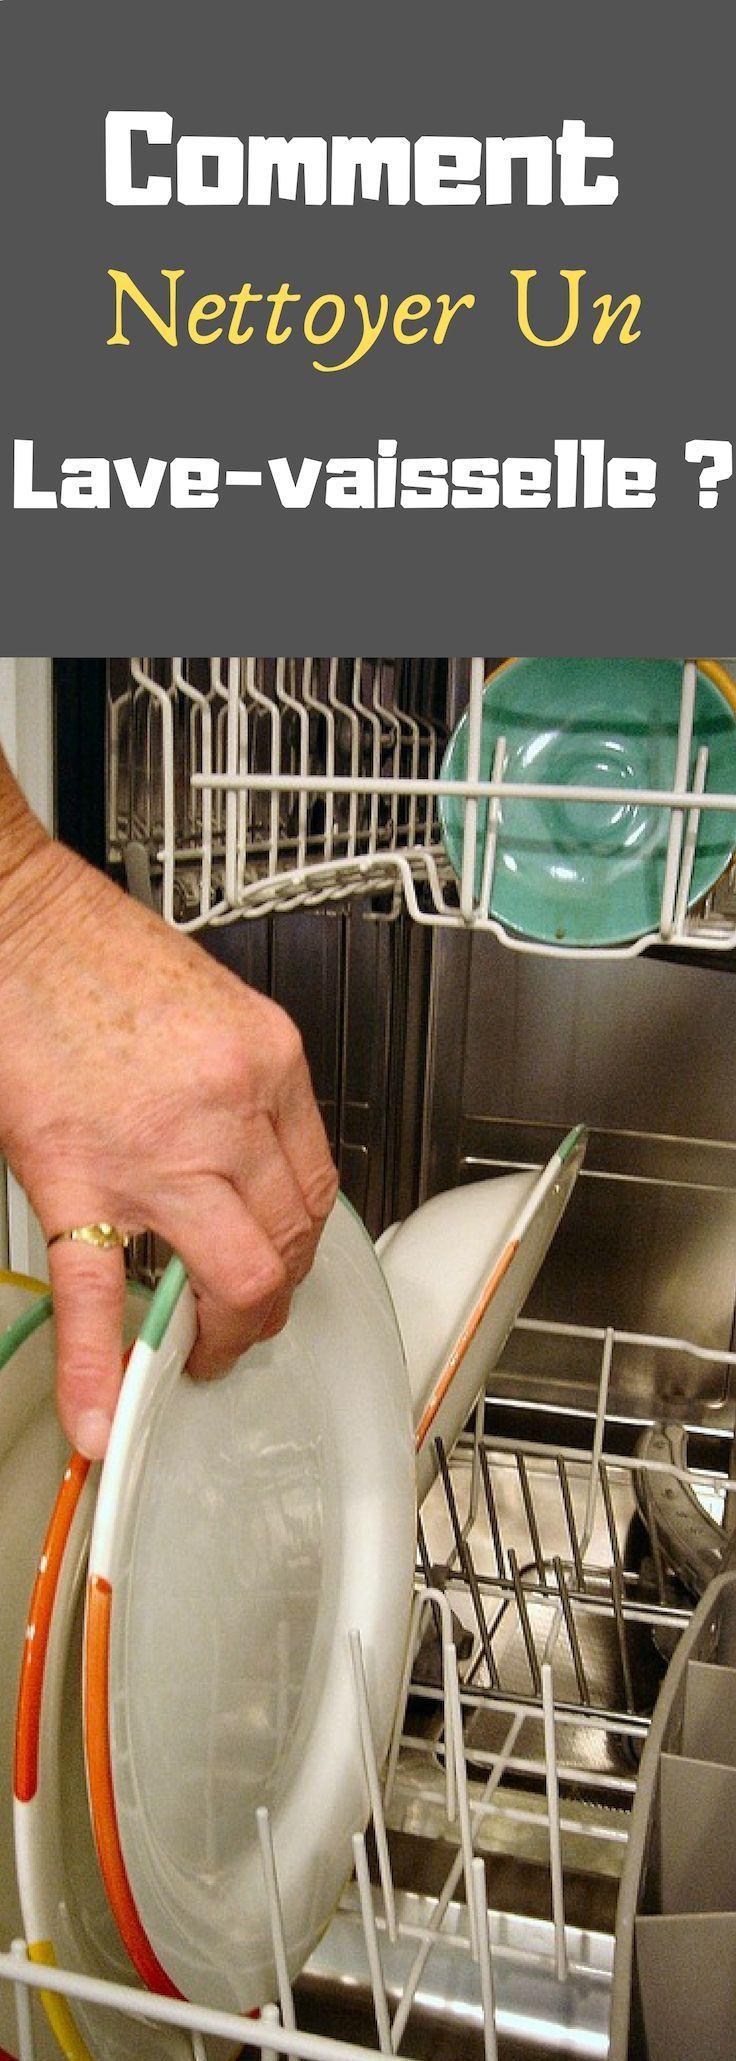 Nettoyer Lave Vaisselle Vinaigre comment nettoyer un lave-vaisselle ? | nettoyer lave